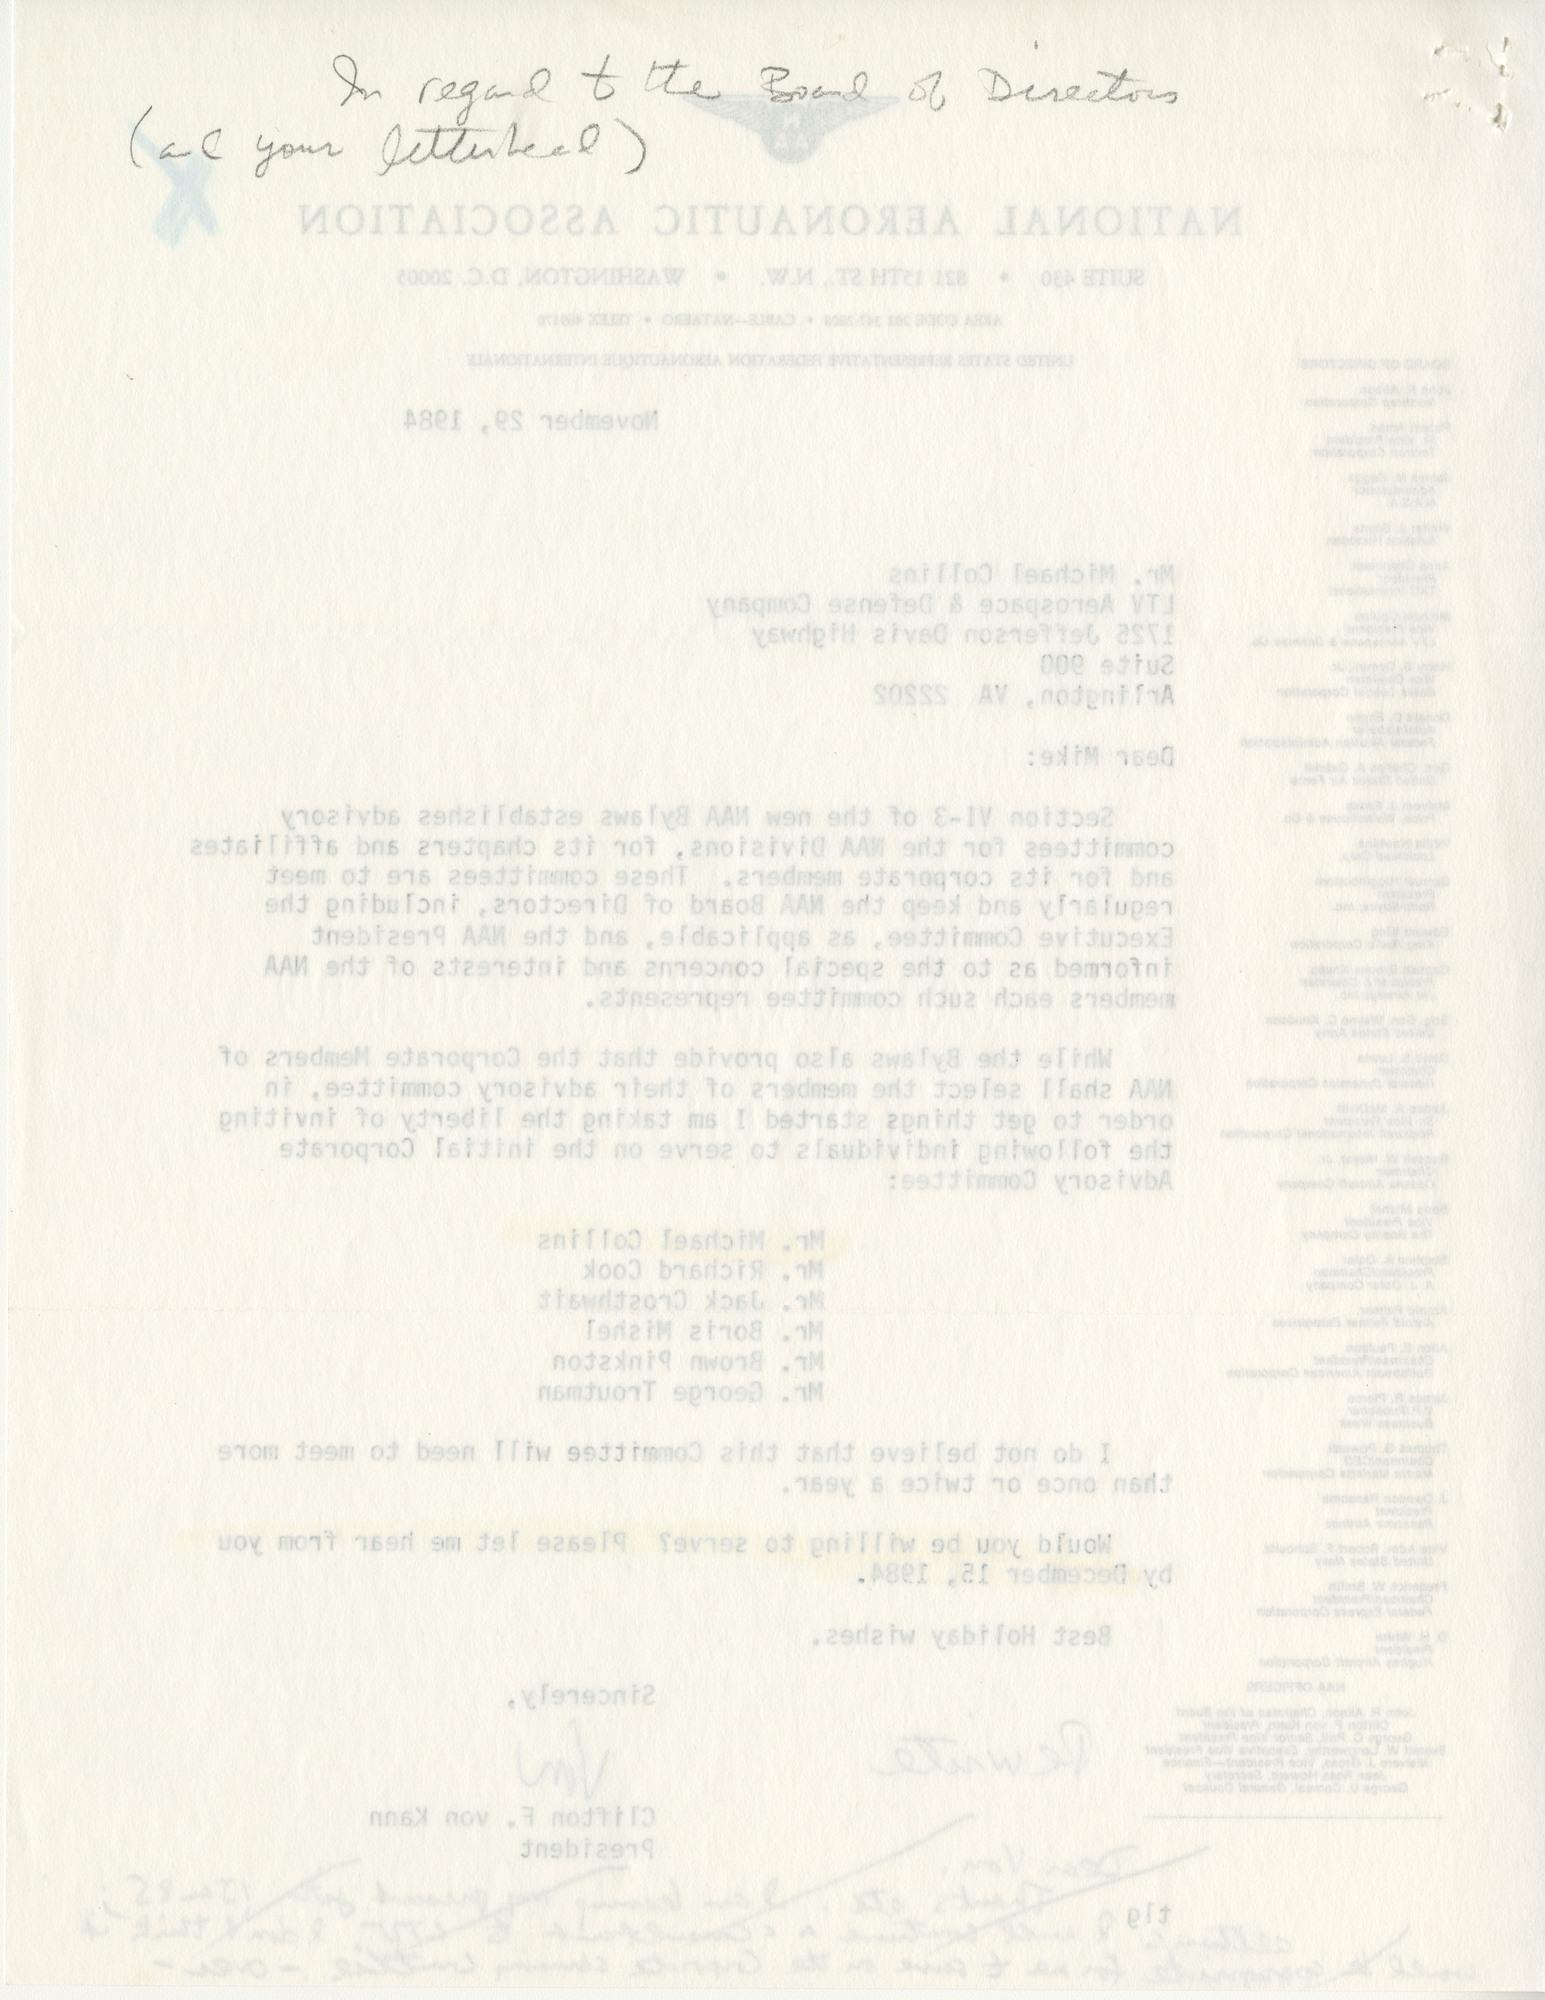 http://spec.lib.vt.edu/pickup/Omeka_upload/Ms1989-029_B19_F10_Letter_1984_1129b.jpg